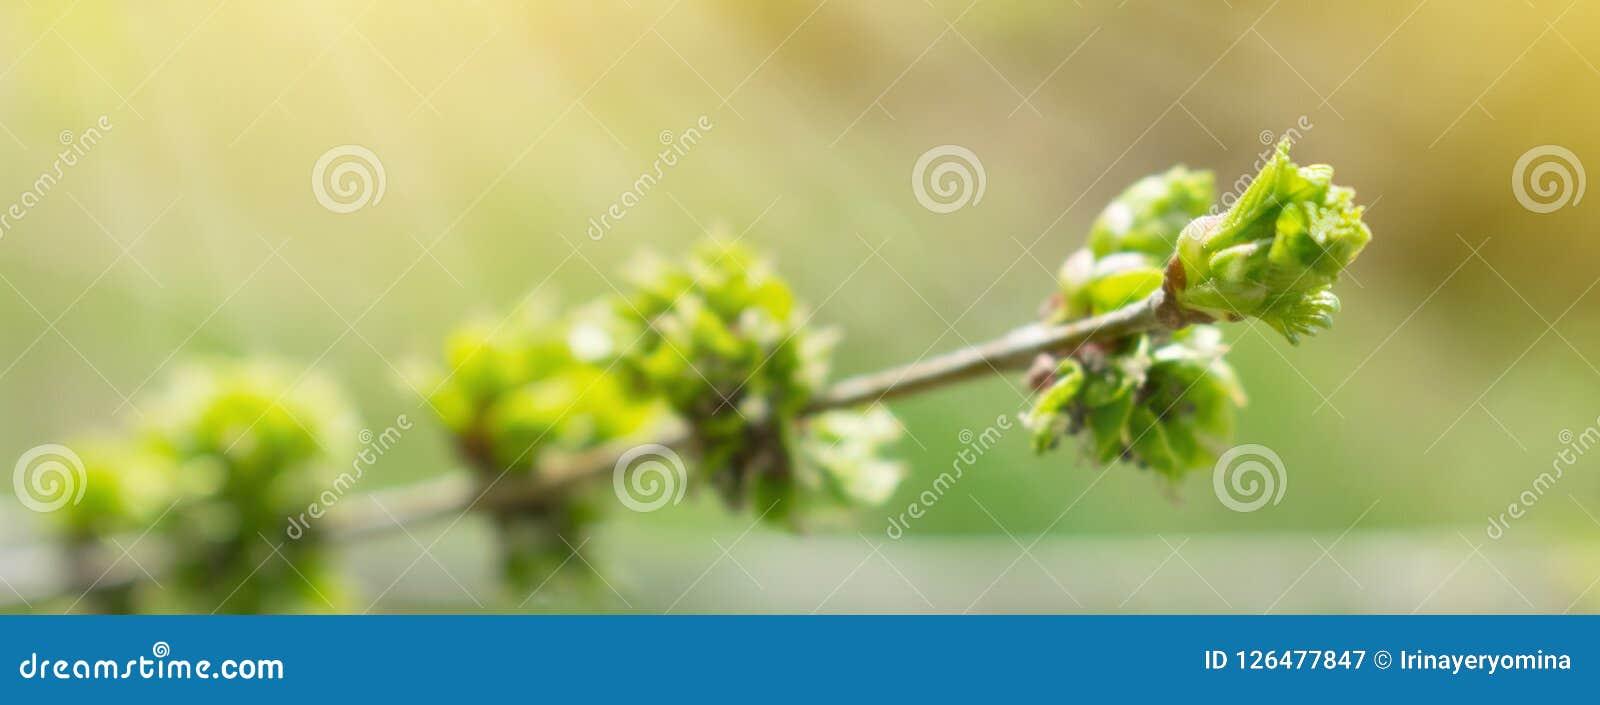 Предпосылка весны с ветвью и зацветая молодыми листьями зеленого цвета C